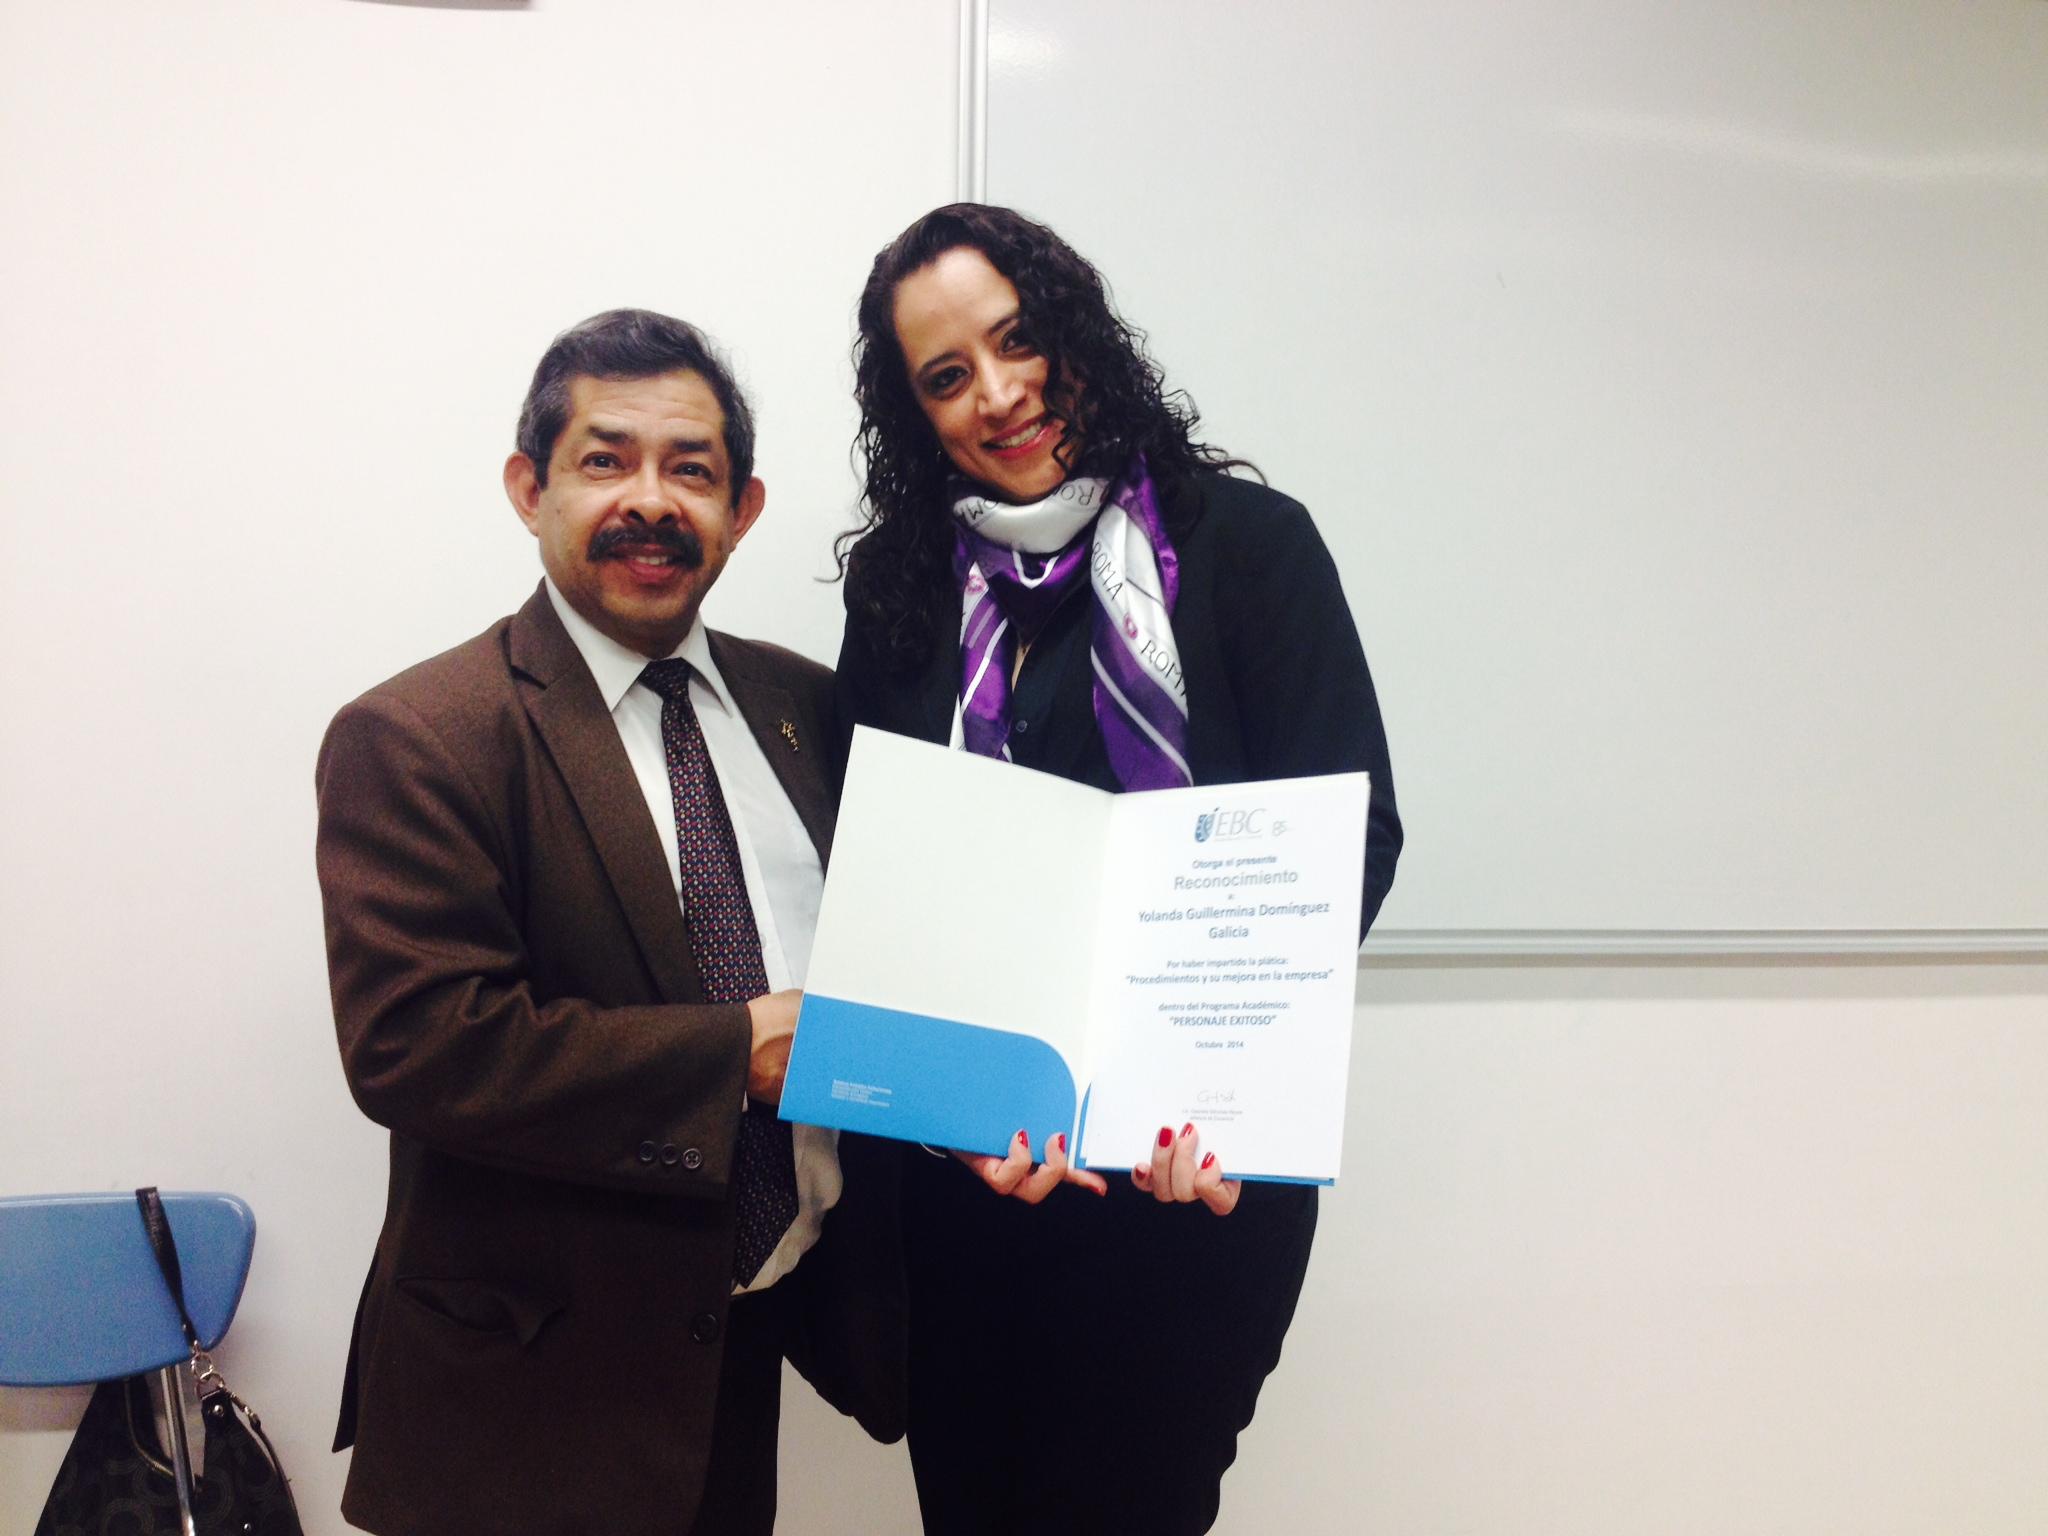 Mtra. Yolanda Domínguez, Directora de Calidad Académica en el IEE.